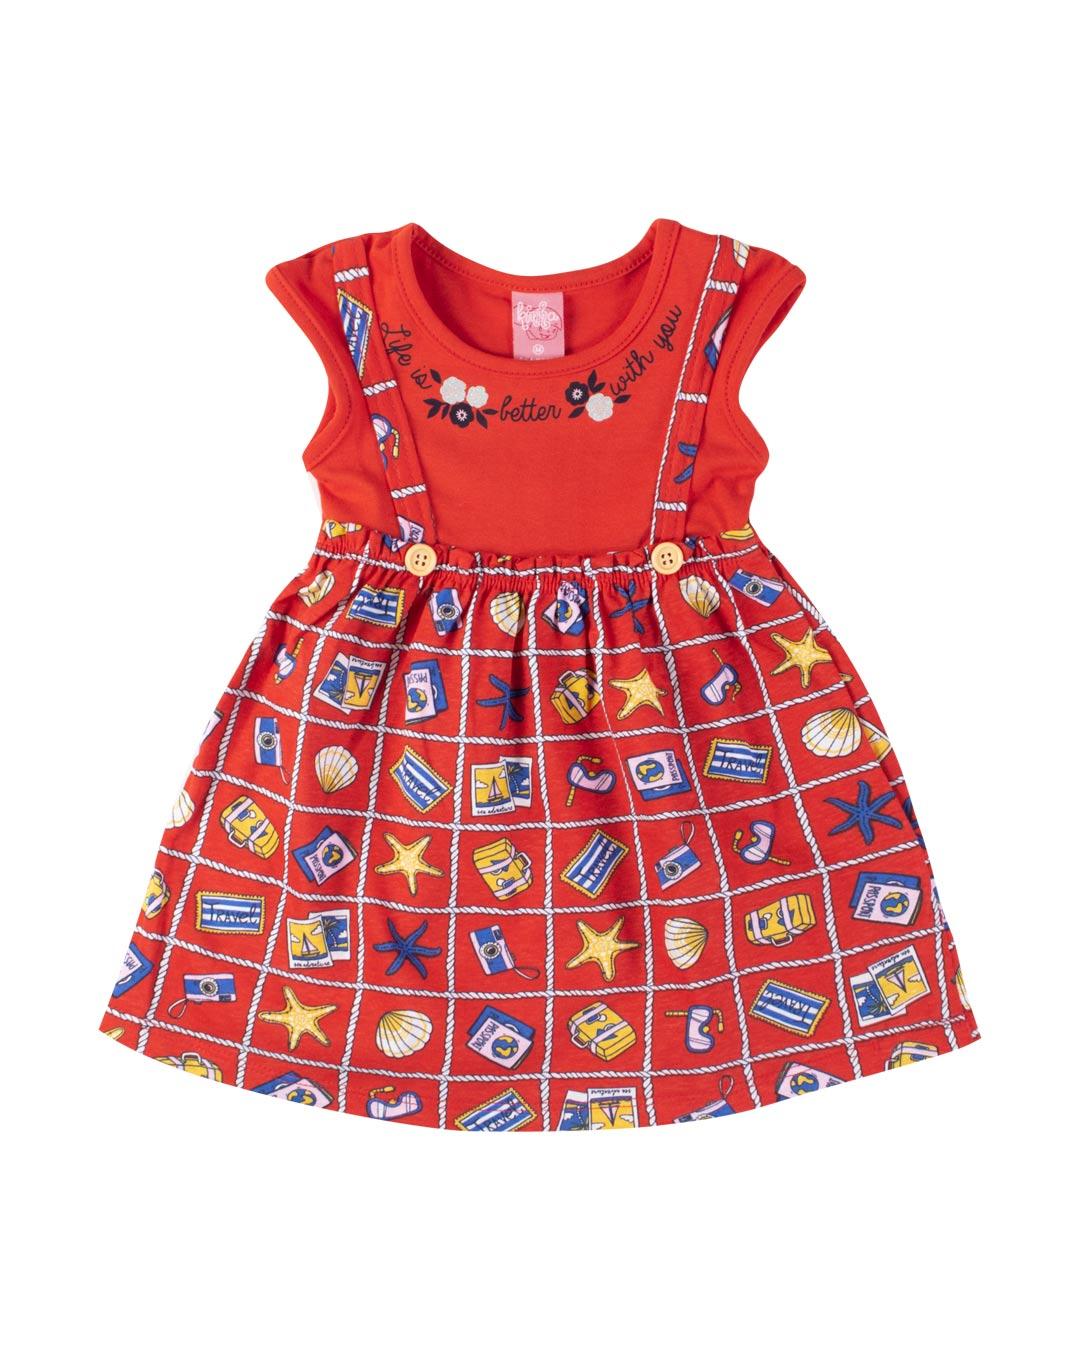 Vestido Bebê/Infantil Life is Better With You - Lecimar